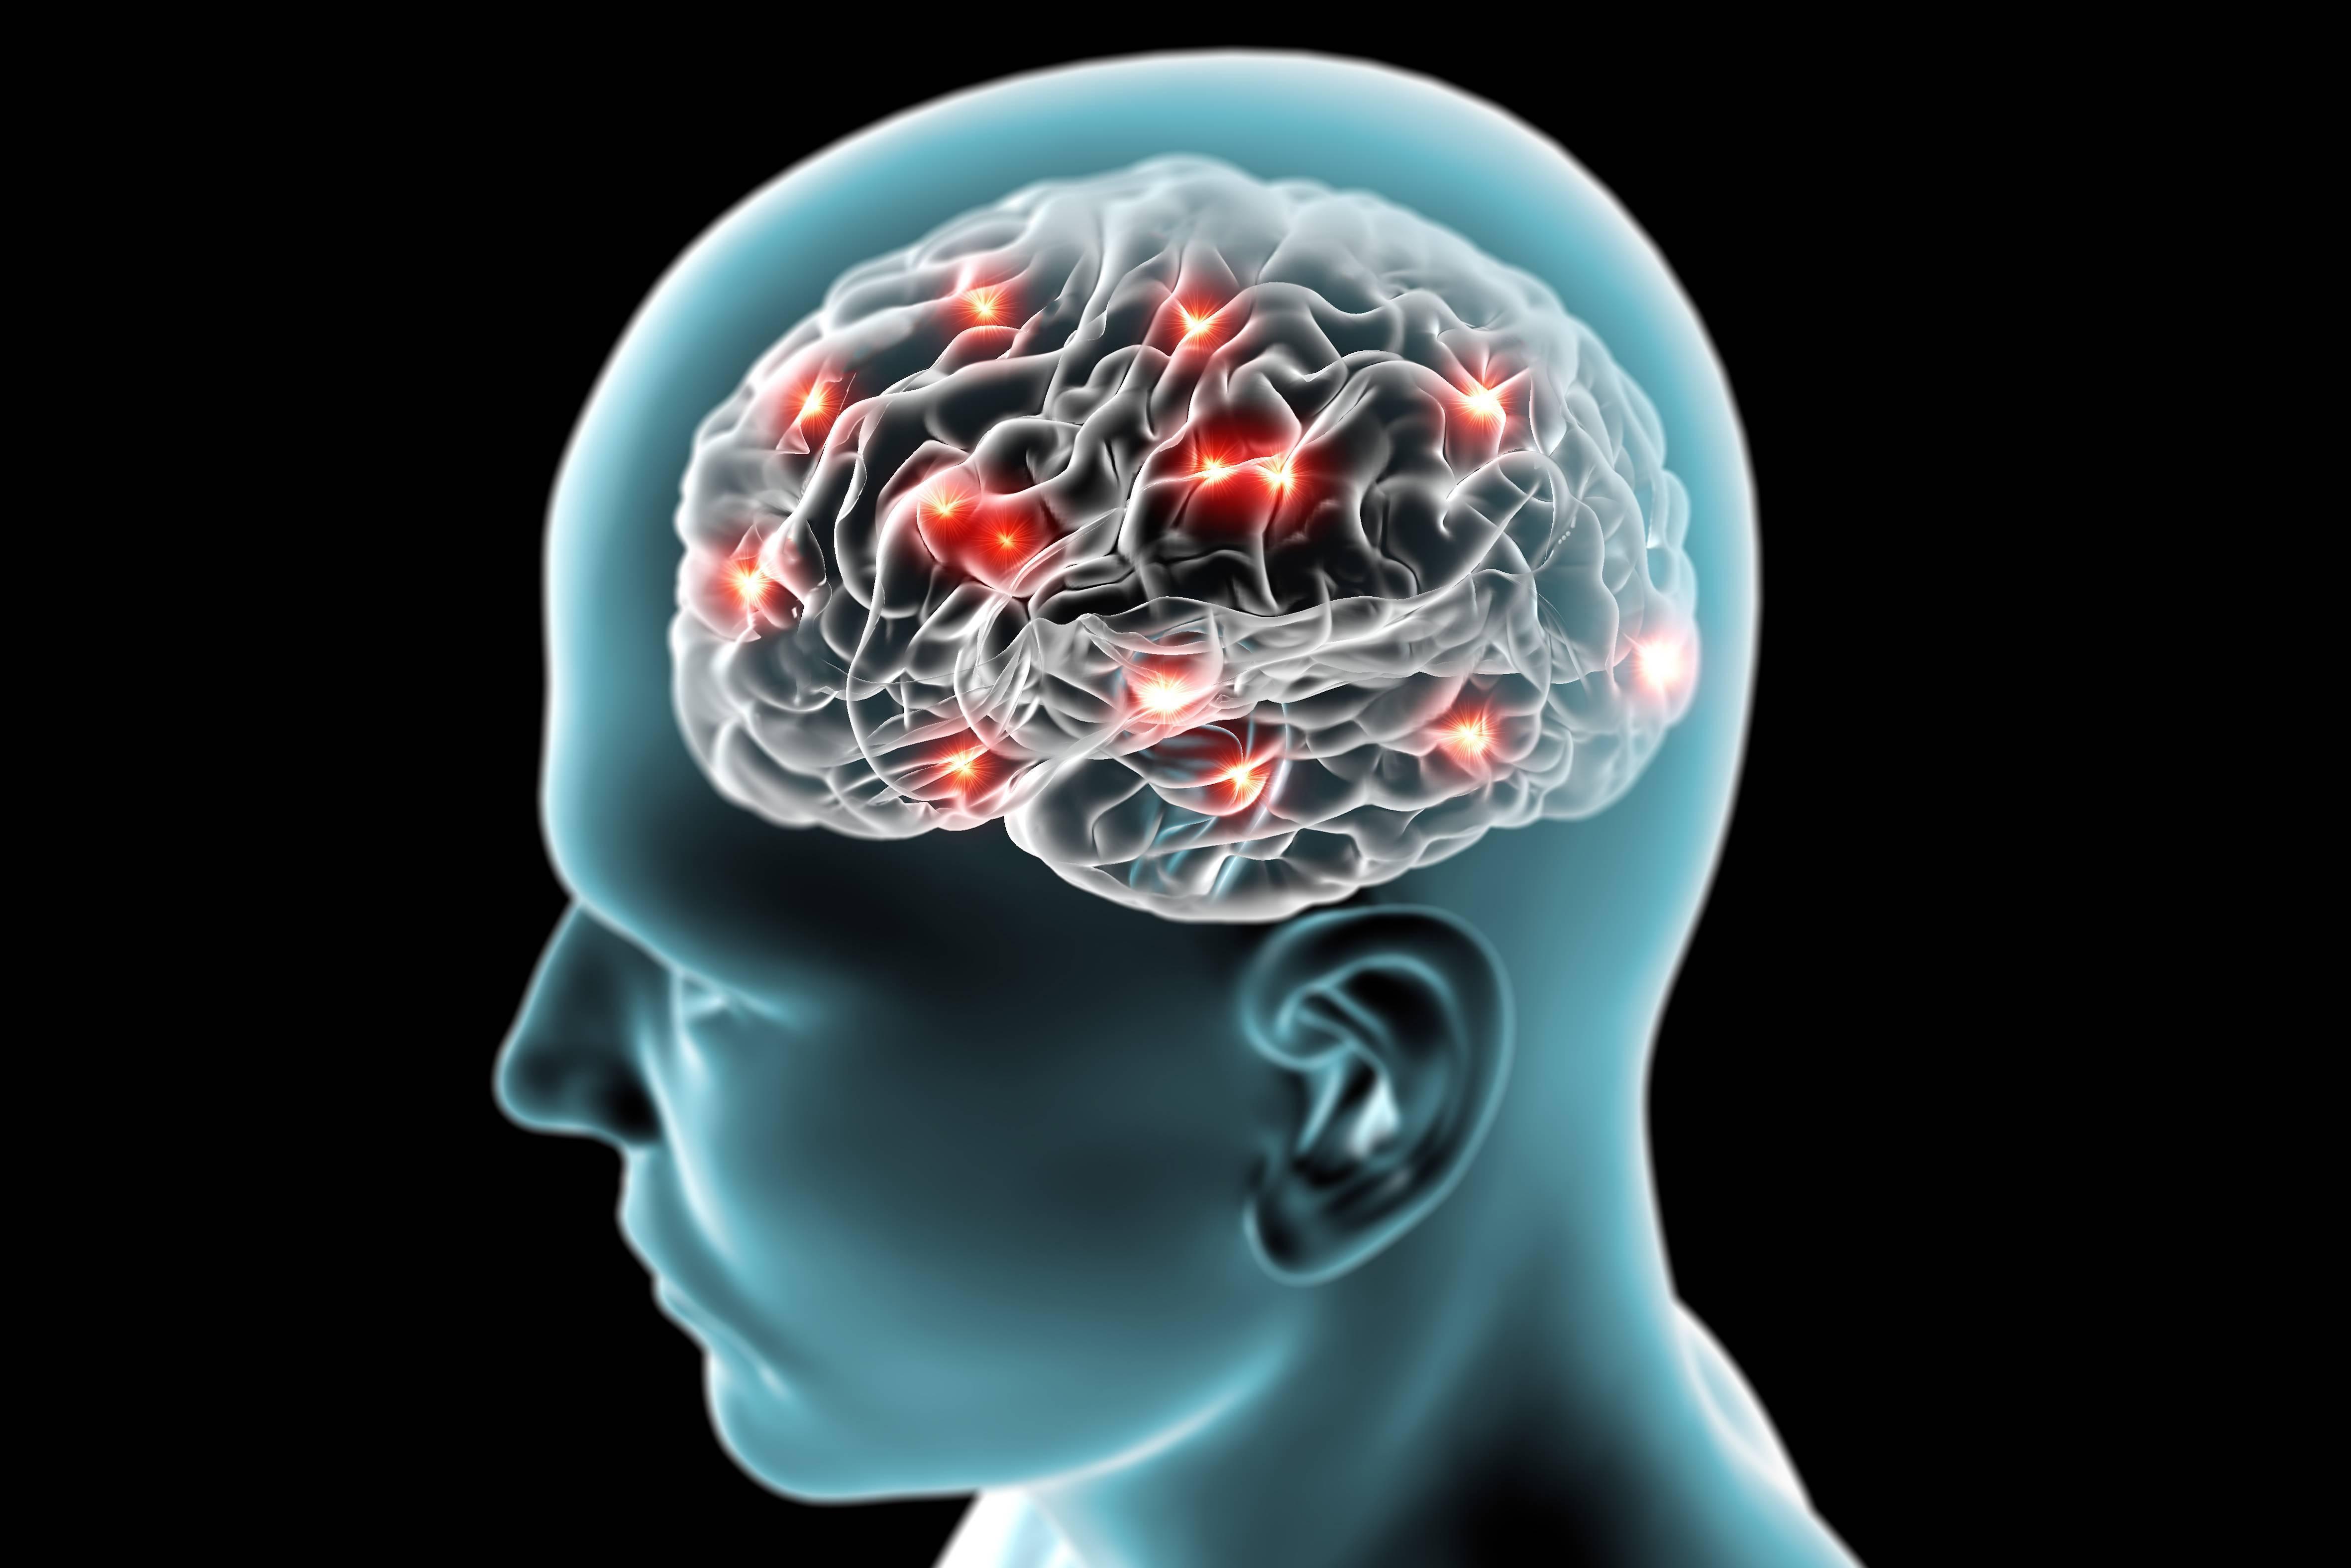 энцефалопатия алкогольная симптомы